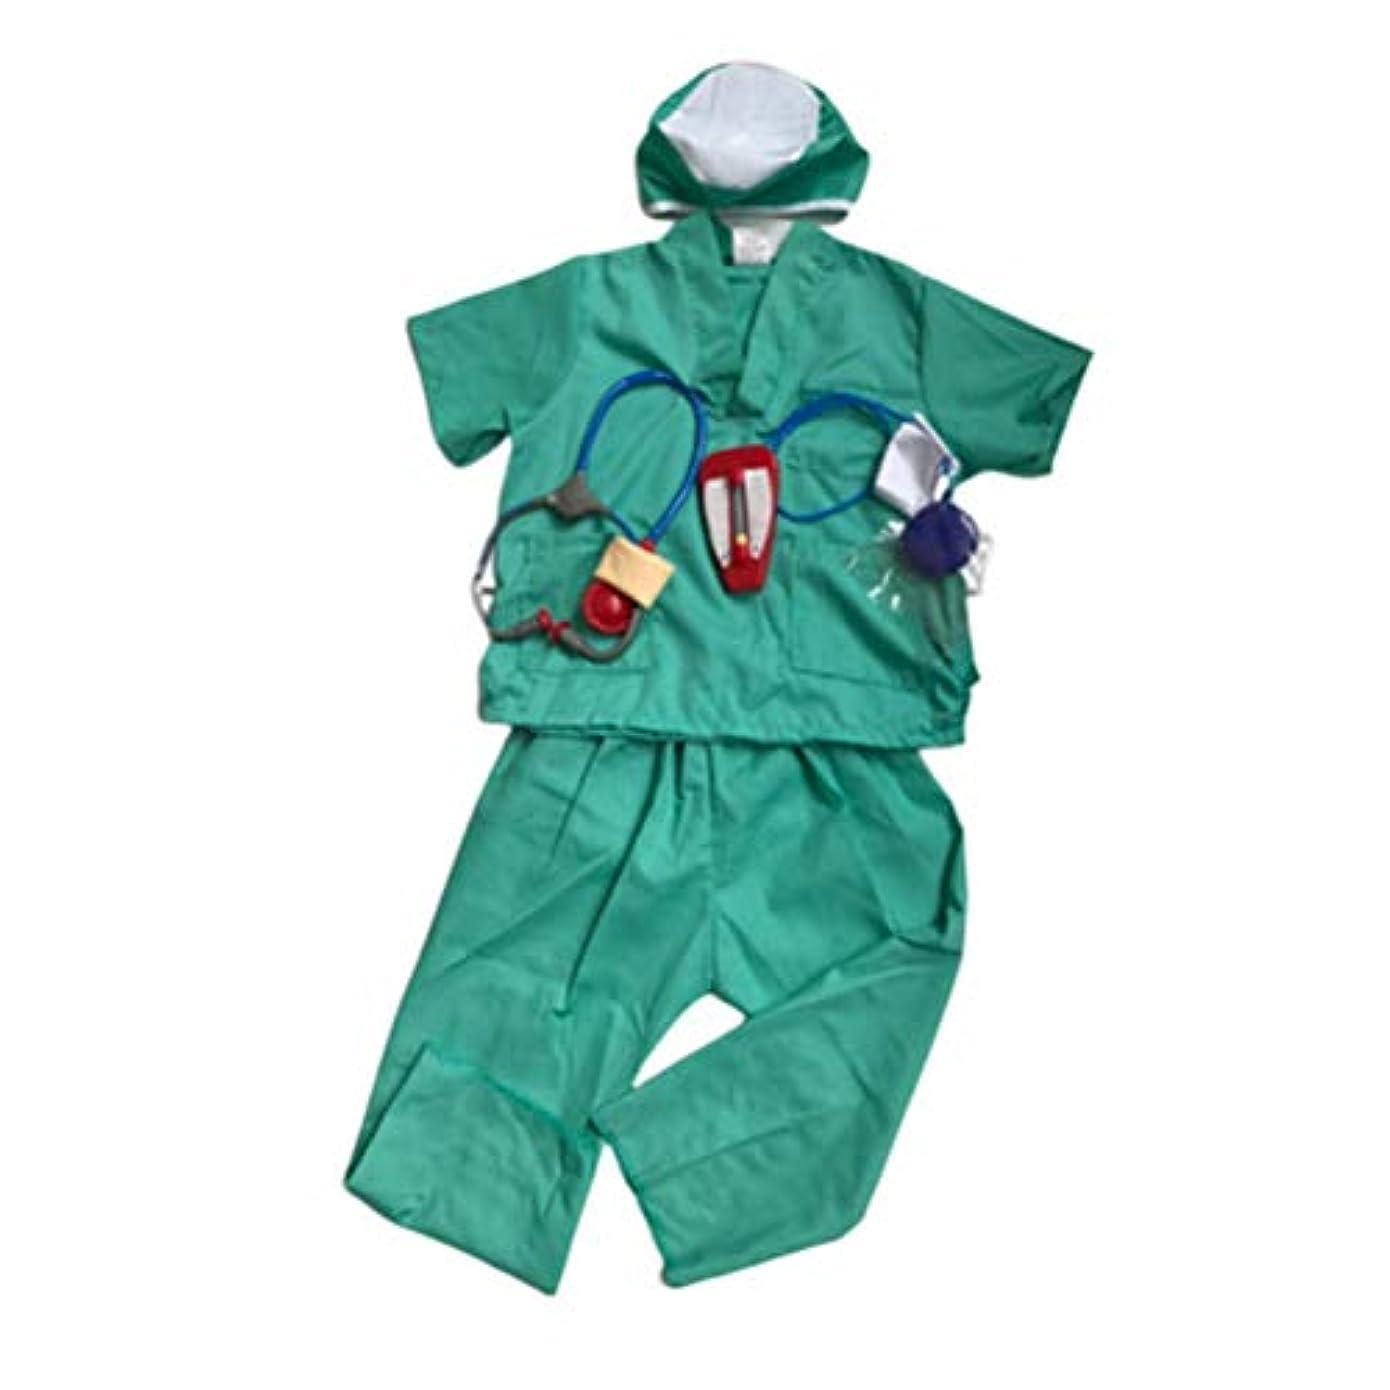 魔術師シマウマツールAmosfunドクターユニフォーム子供のための子供手術ガウンコスプレ衣装ロールプレイ衣装ハロウィン仮装パーティー